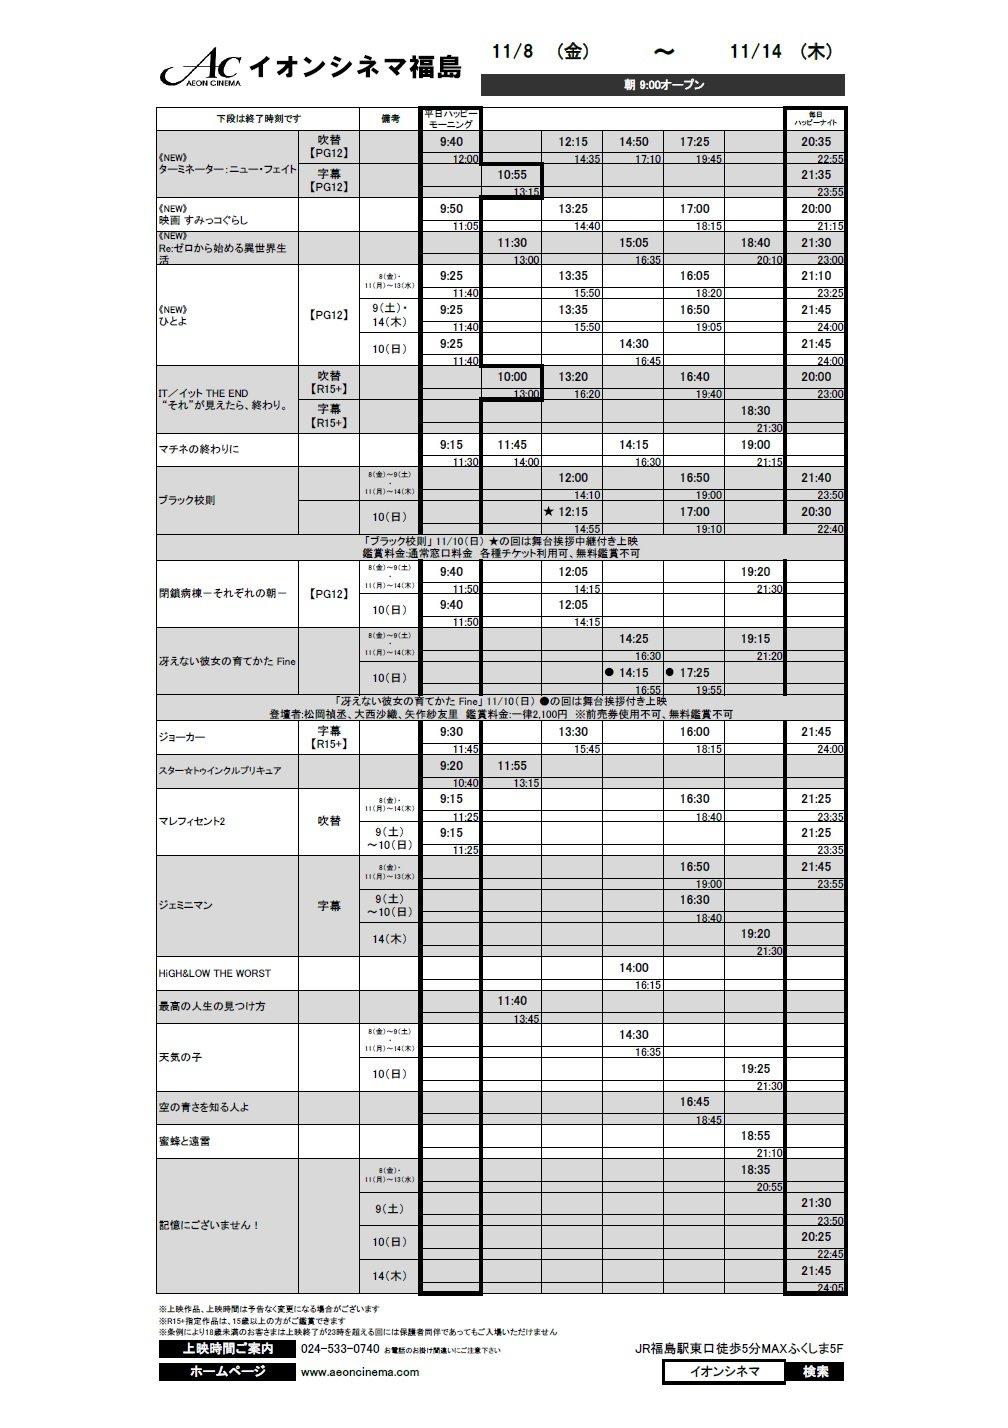 イオン シネマ 上映 スケジュール